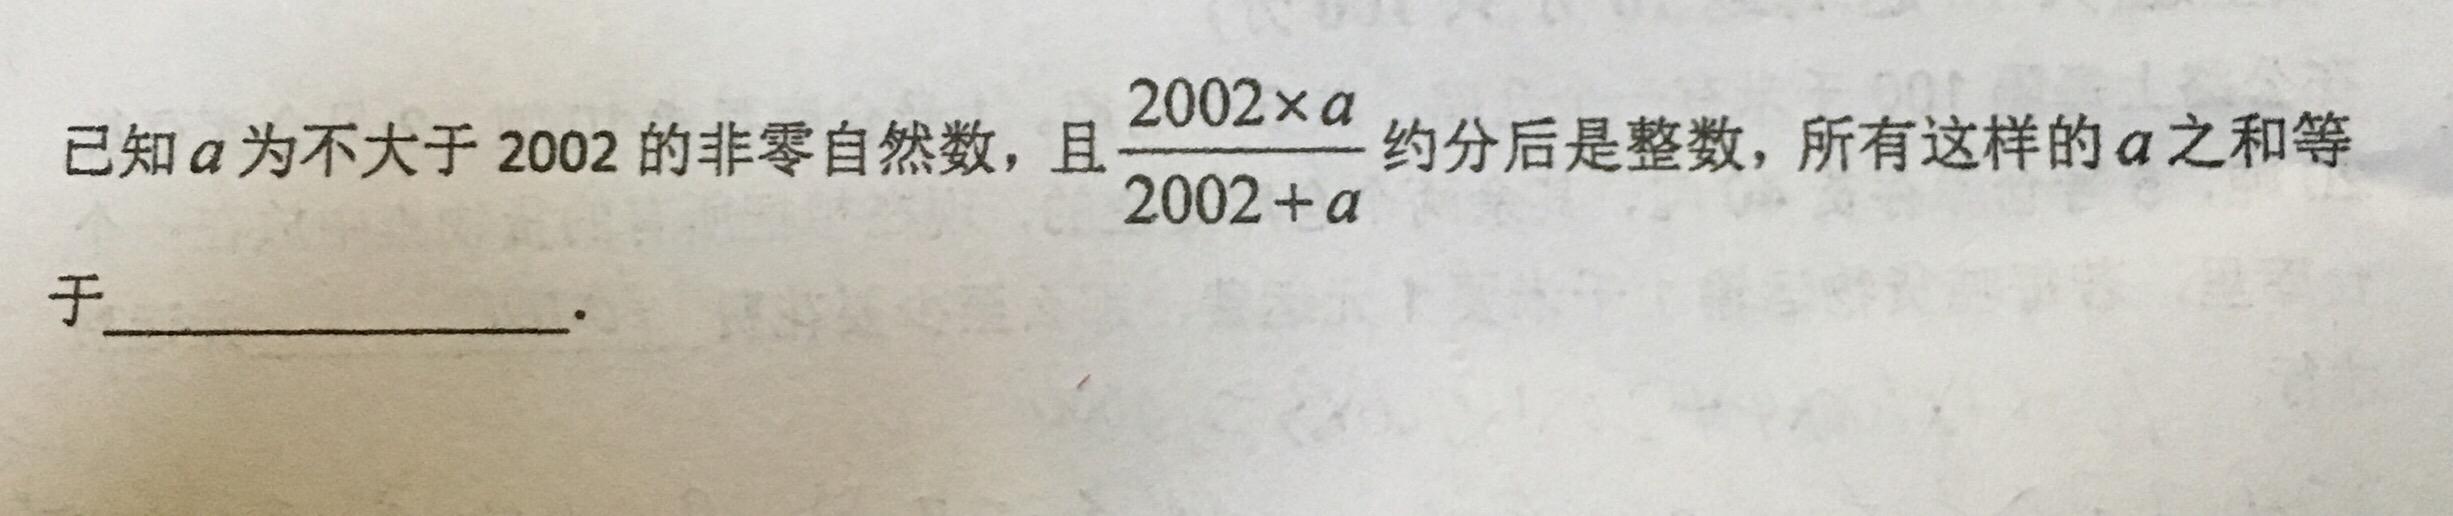 2F33C181-7DD3-4F0C-AB10-2618A594100E.jpg